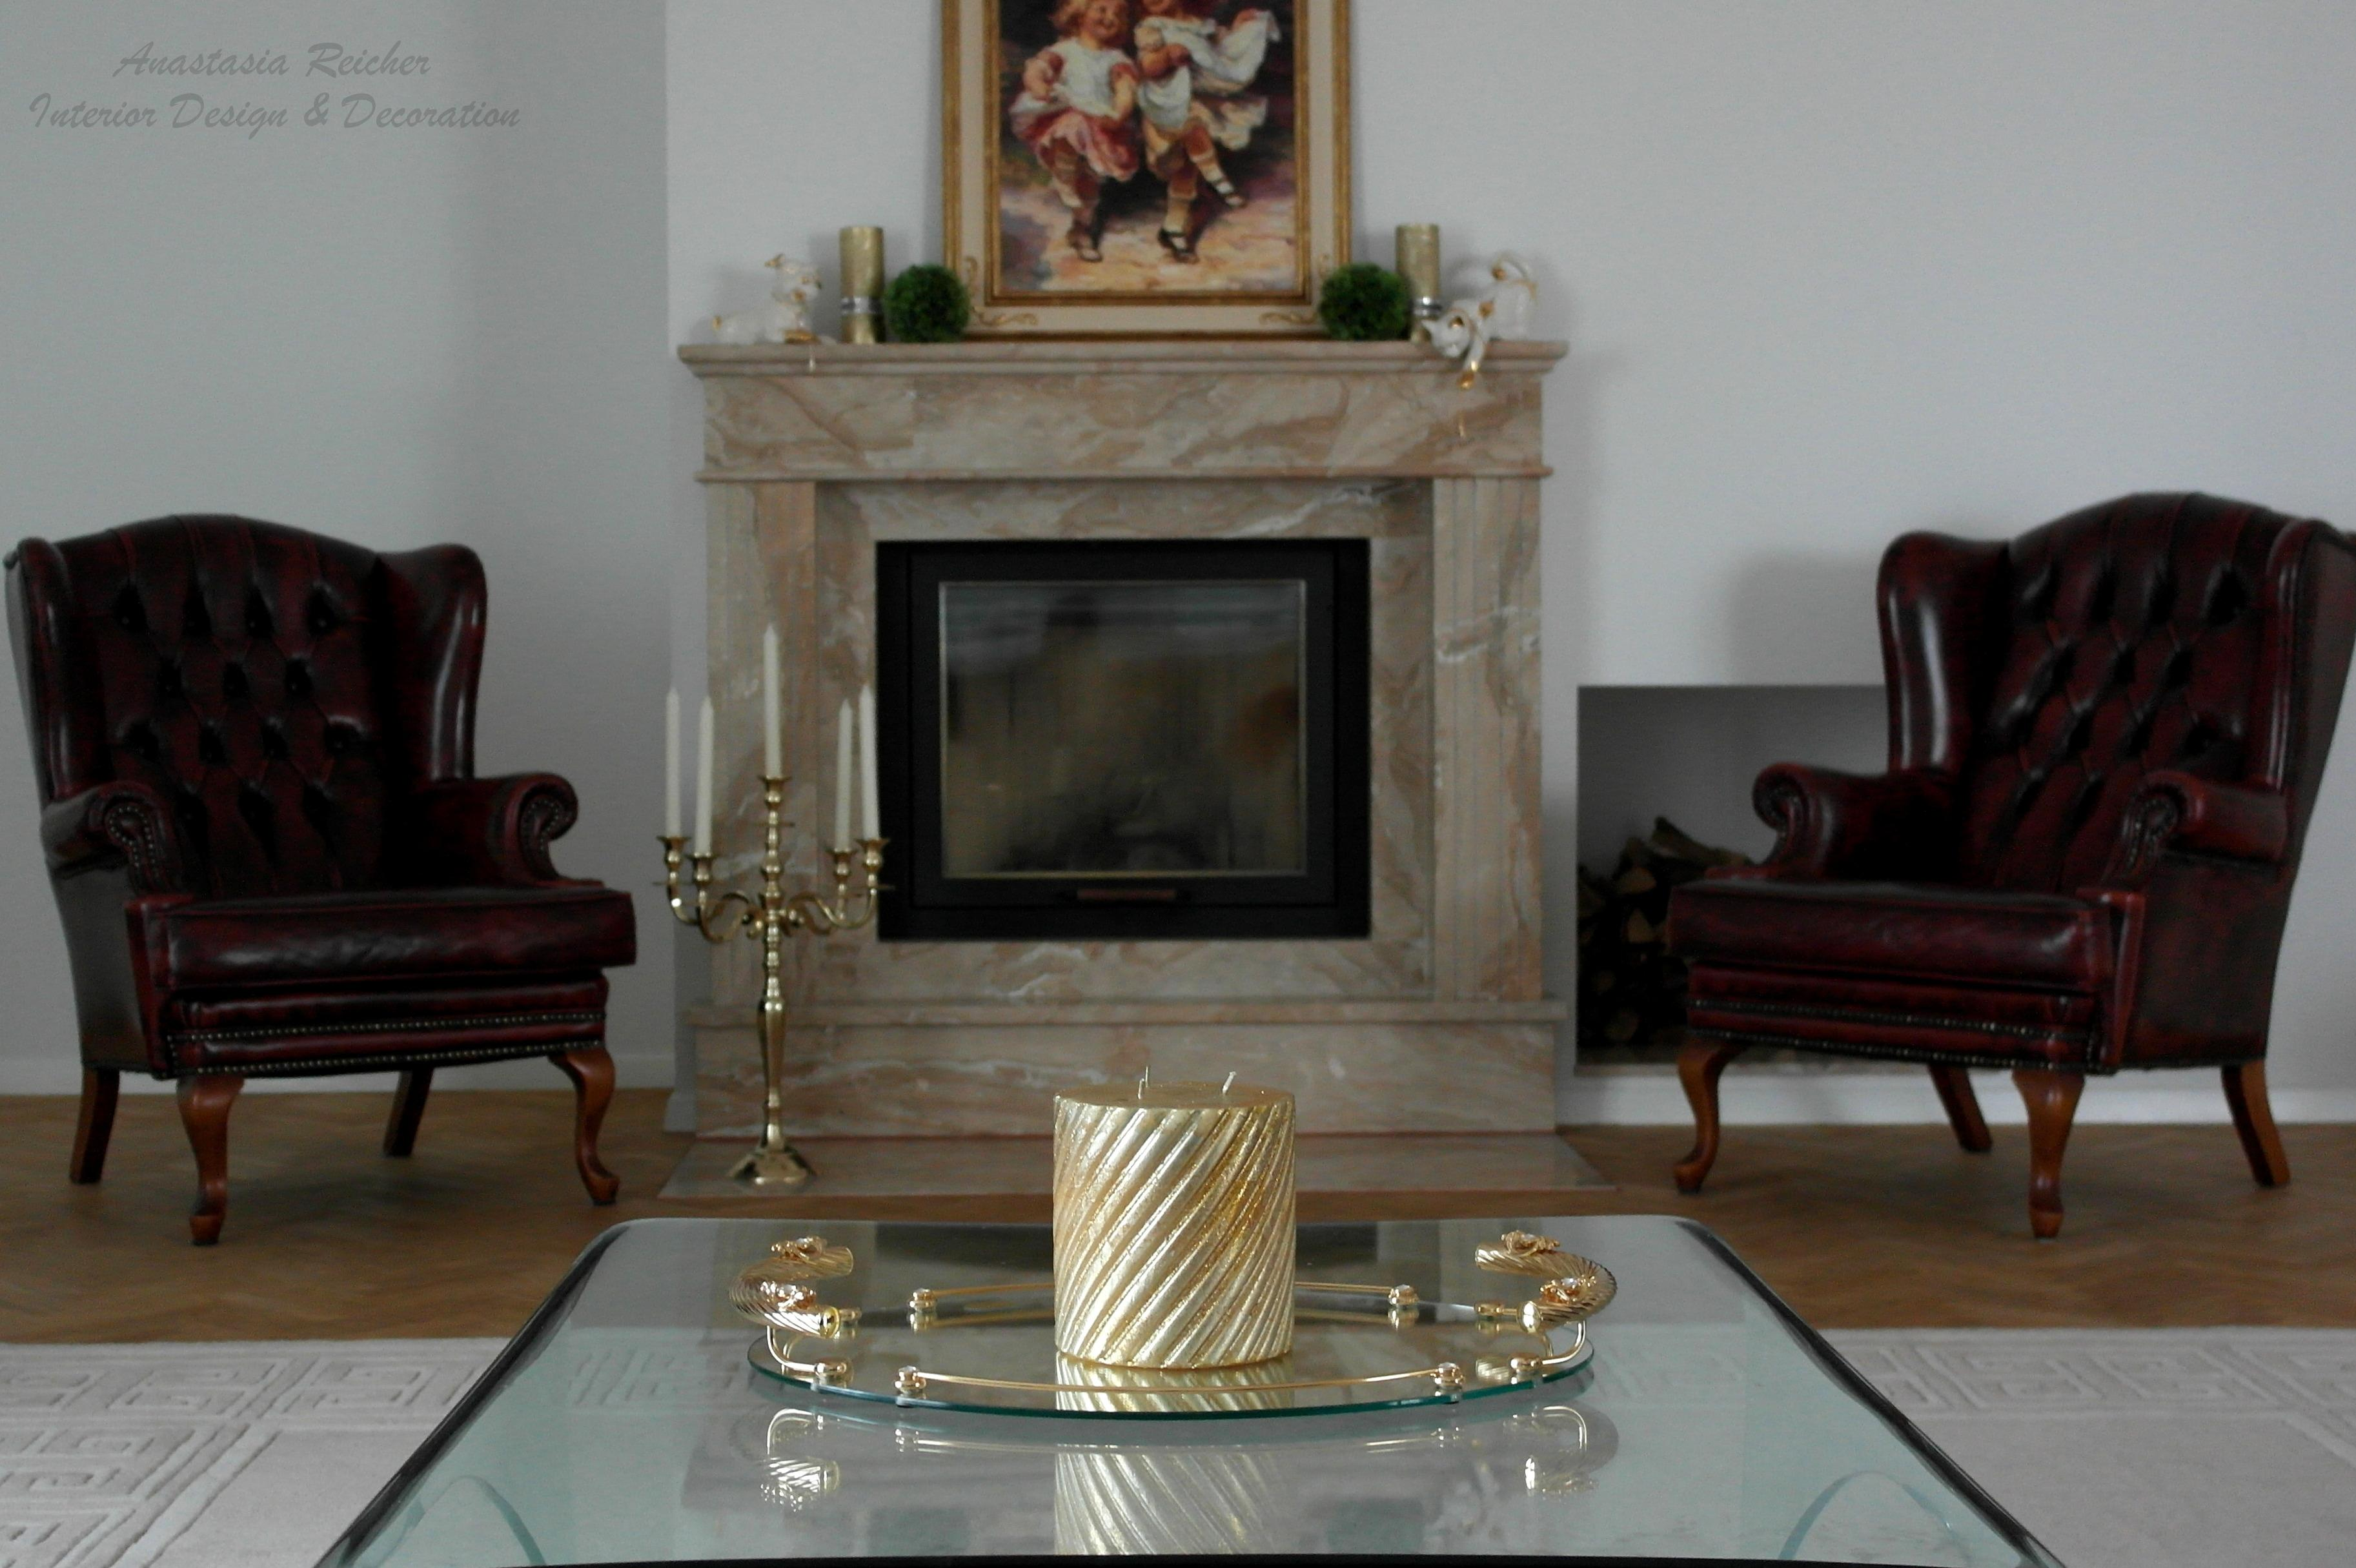 Wohnzimmer Mit Kamin Wohnzimmerkamin CAnastasia Reicher Interior Design Decoration